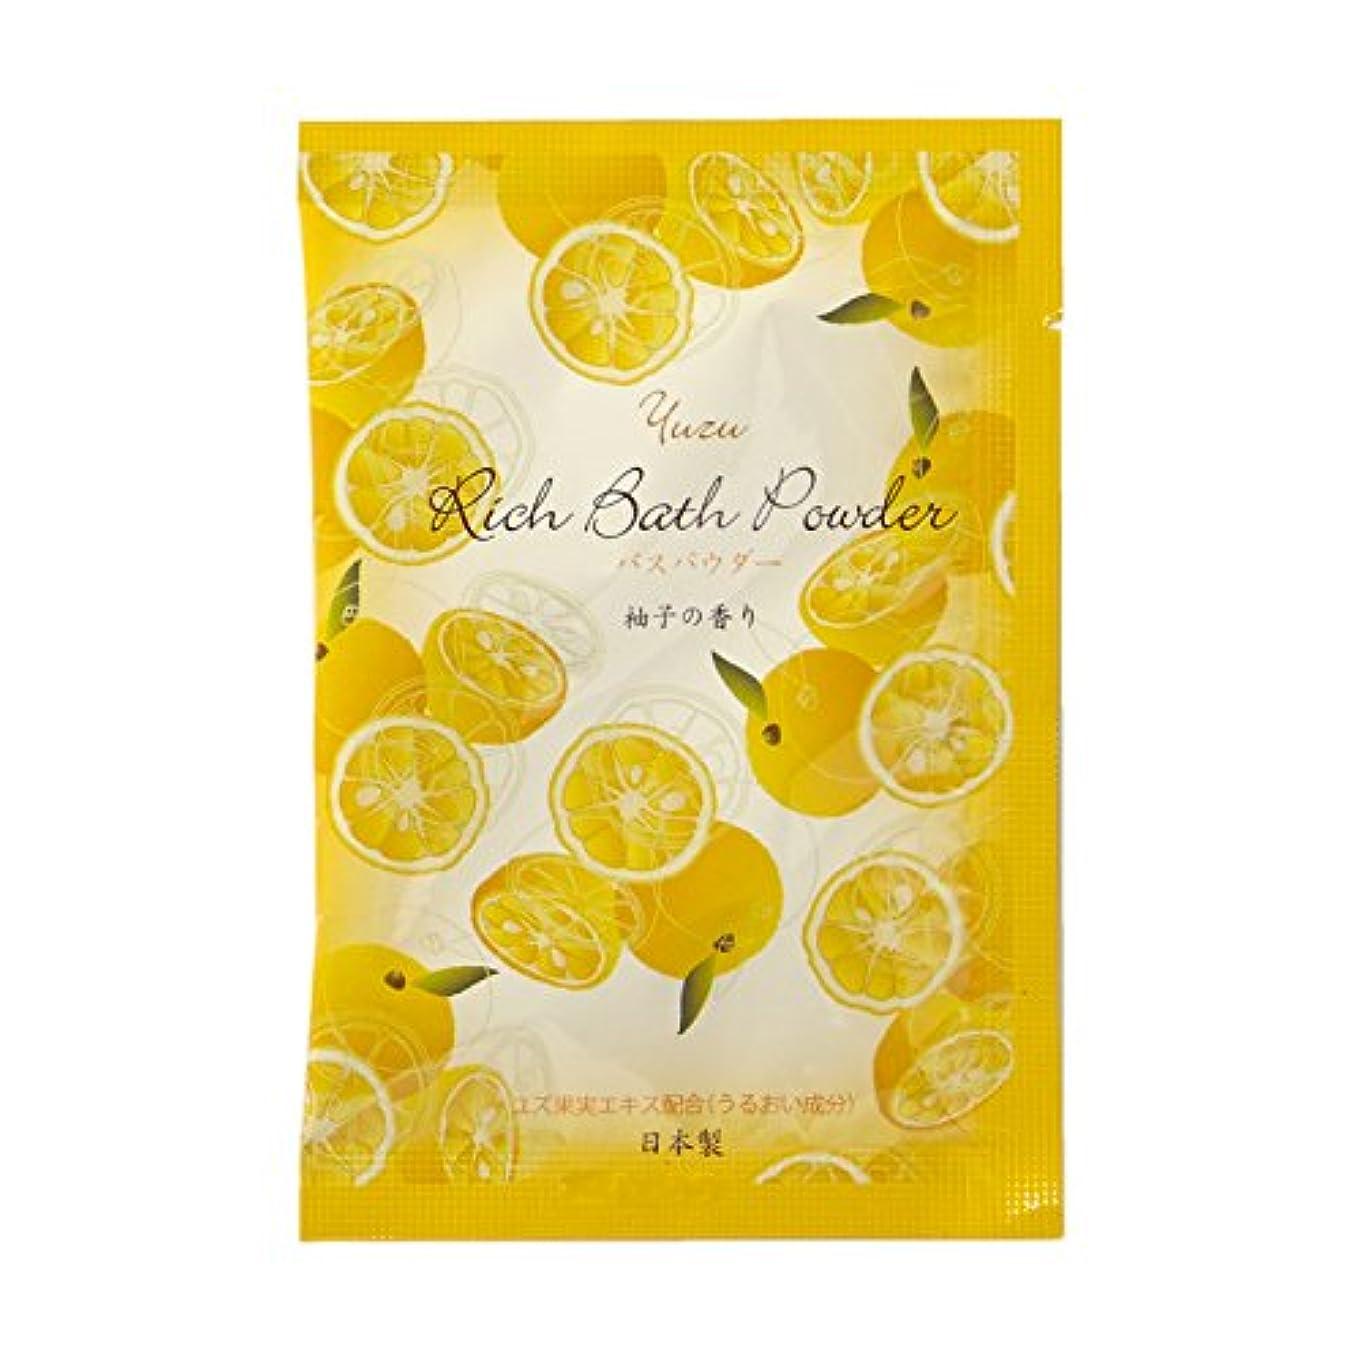 谷残りバラ色リッチバスパウダー20g(柚子の香り) 40個